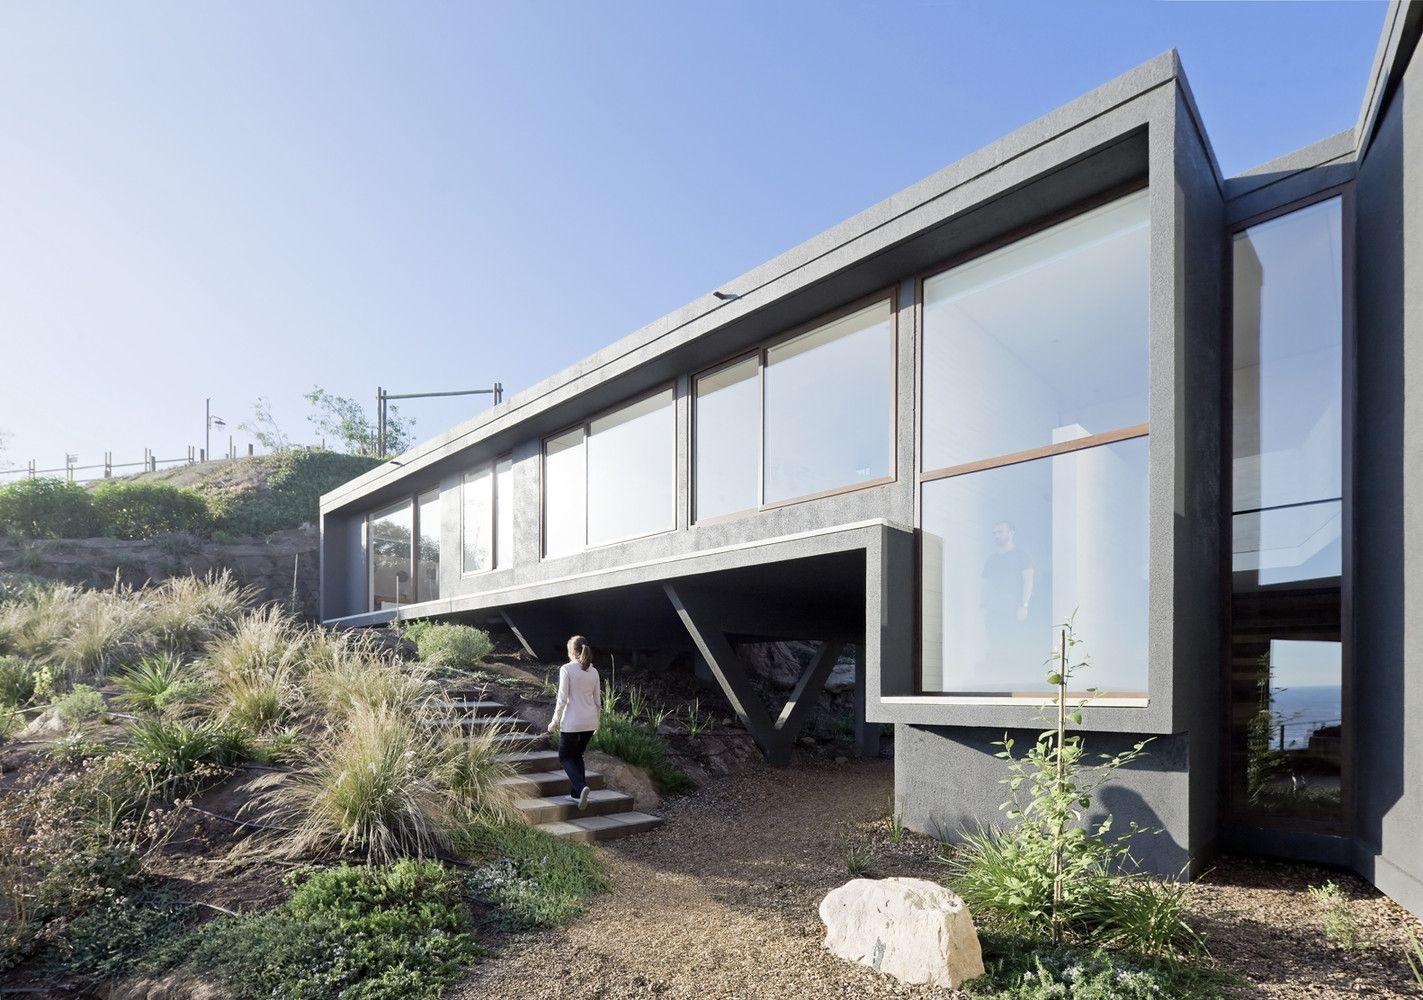 Galería - Casa Atrapa Vistas / LAND Arquitectos - 12